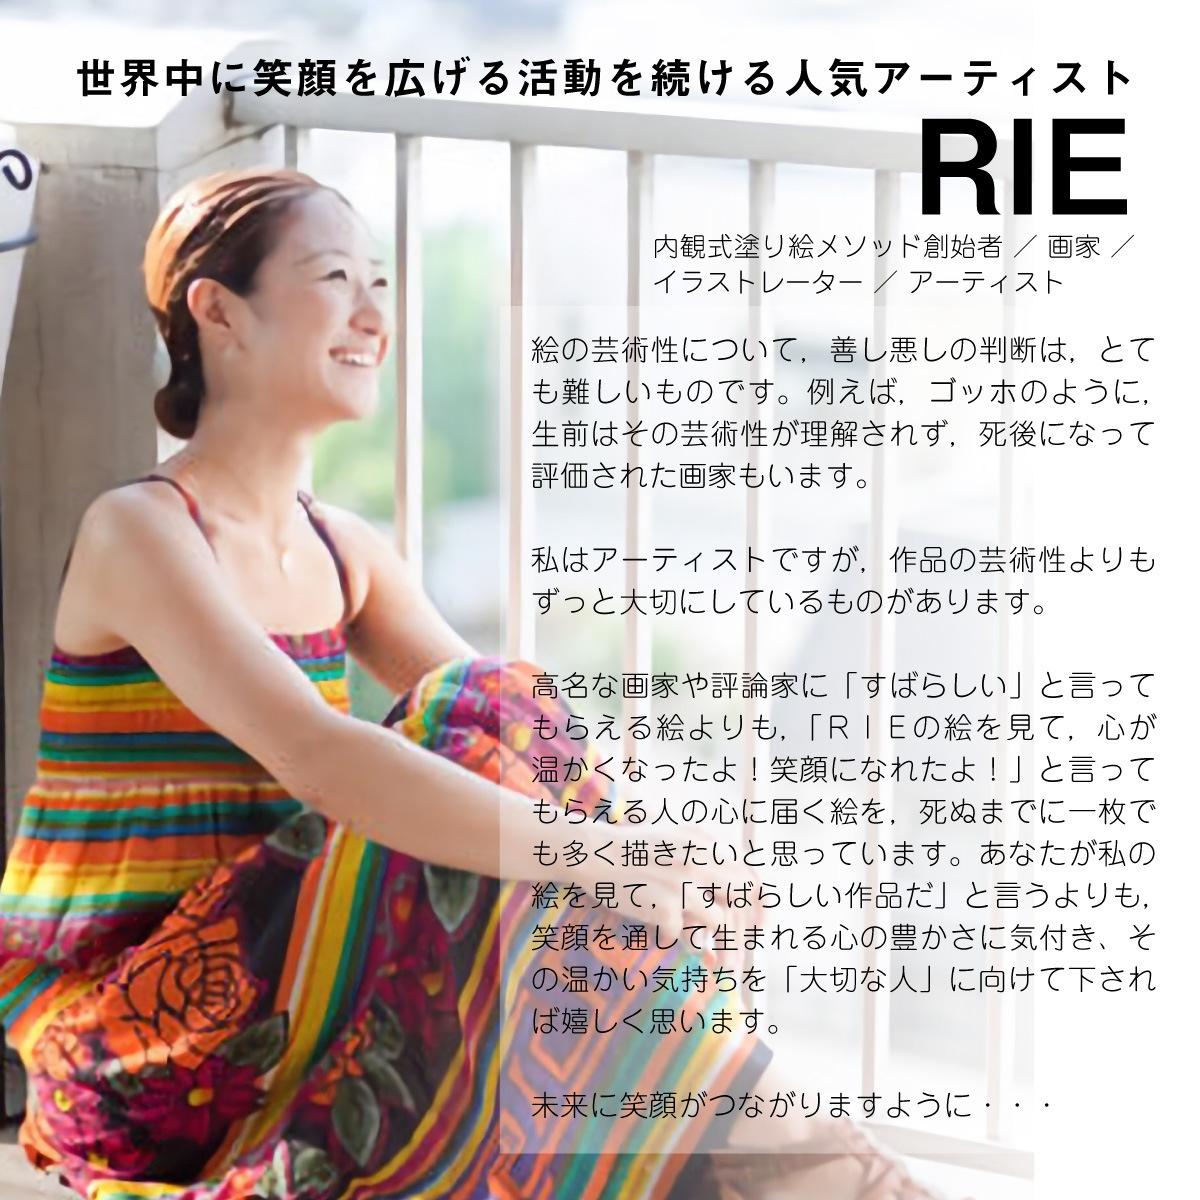 幸運の種をあちこちに♪ RIEの『幸せのたんぽぽ』